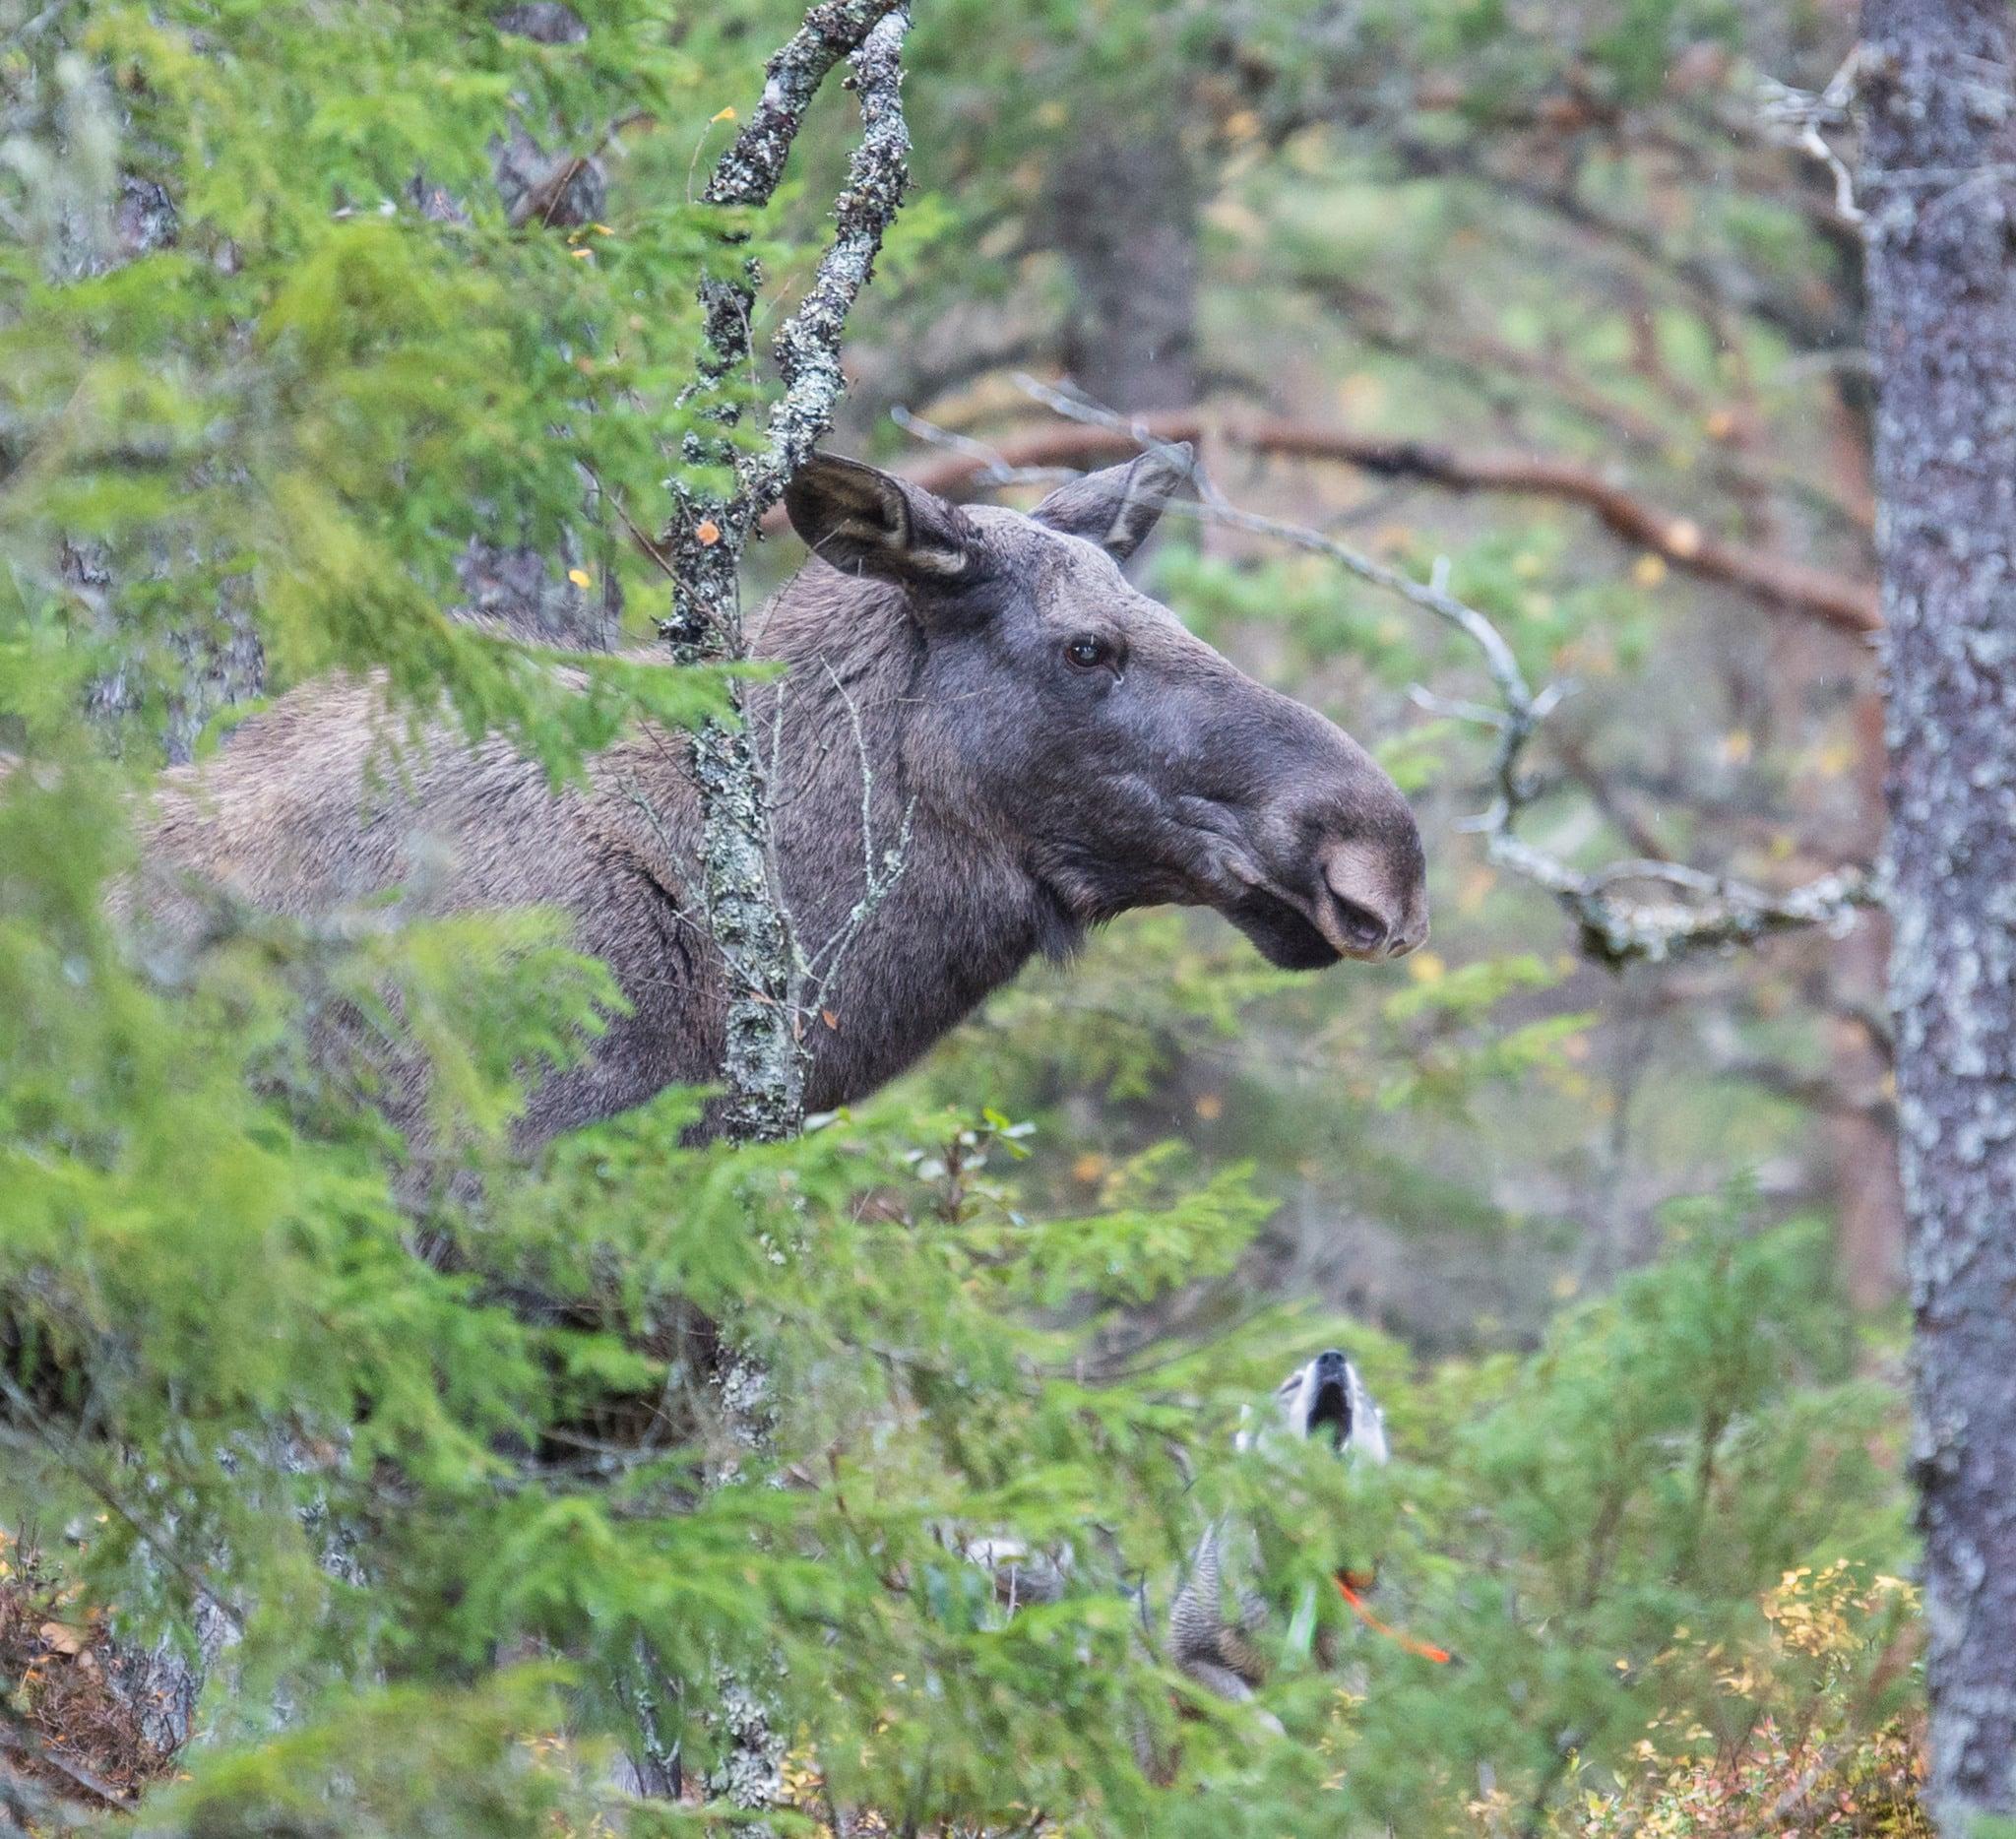 Jaktlag som inte rapporterat sin älgjakt och heller inte betalat in fällavgifter polisanmäls nu av länsstyrelsen i Västerbotten. Foto: Kjell-Erik Moseid